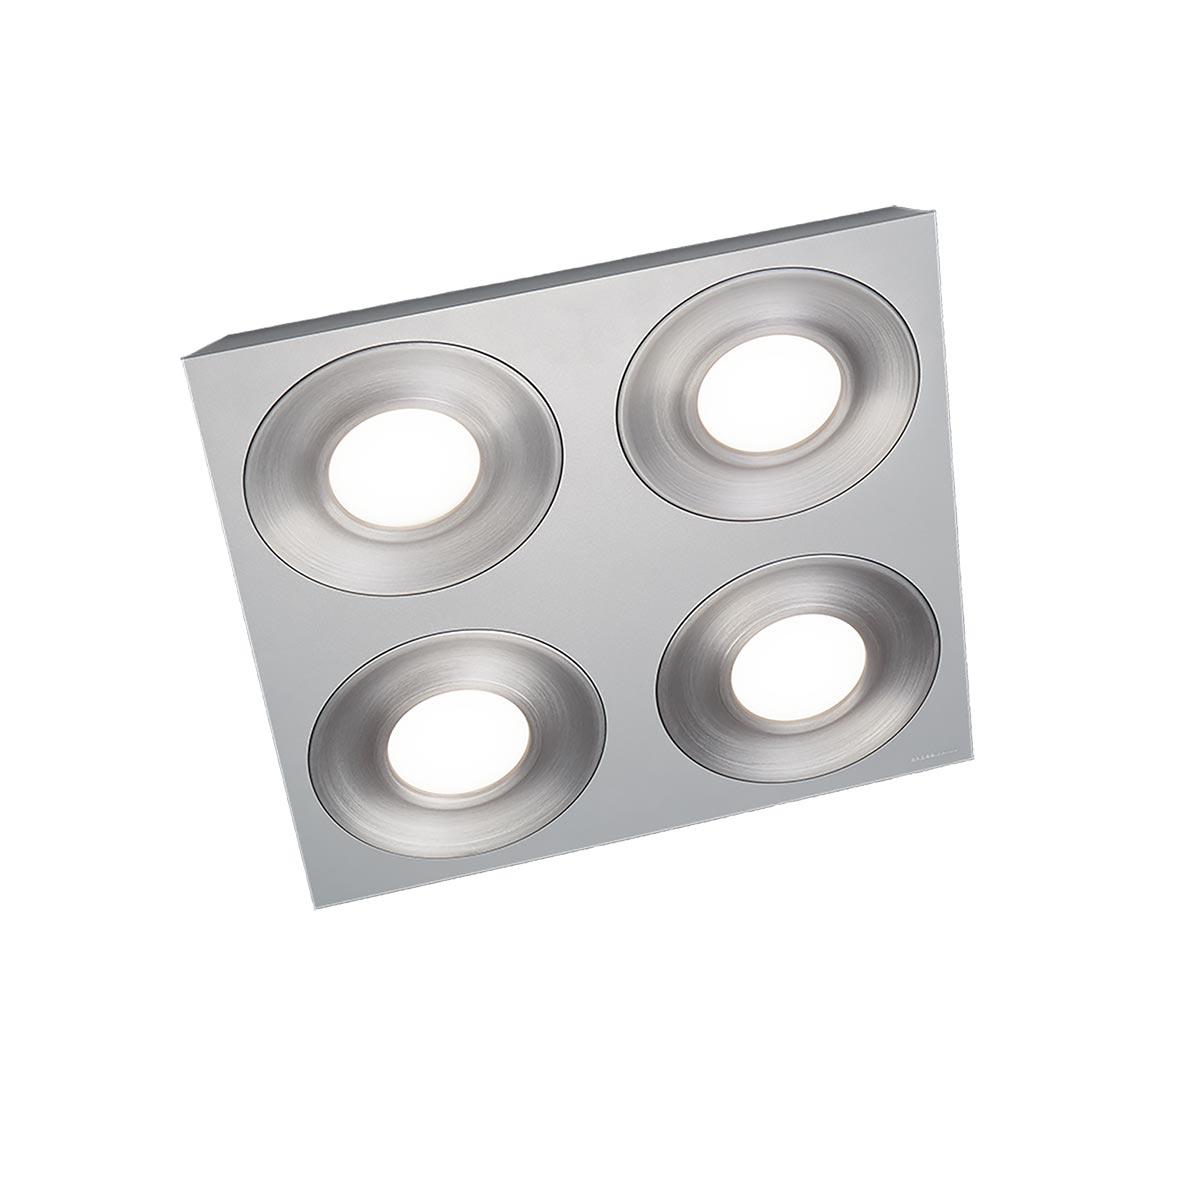 Grossmann Coax LED Deckenleuchte, 4-flg., quadratisch 75-820-088